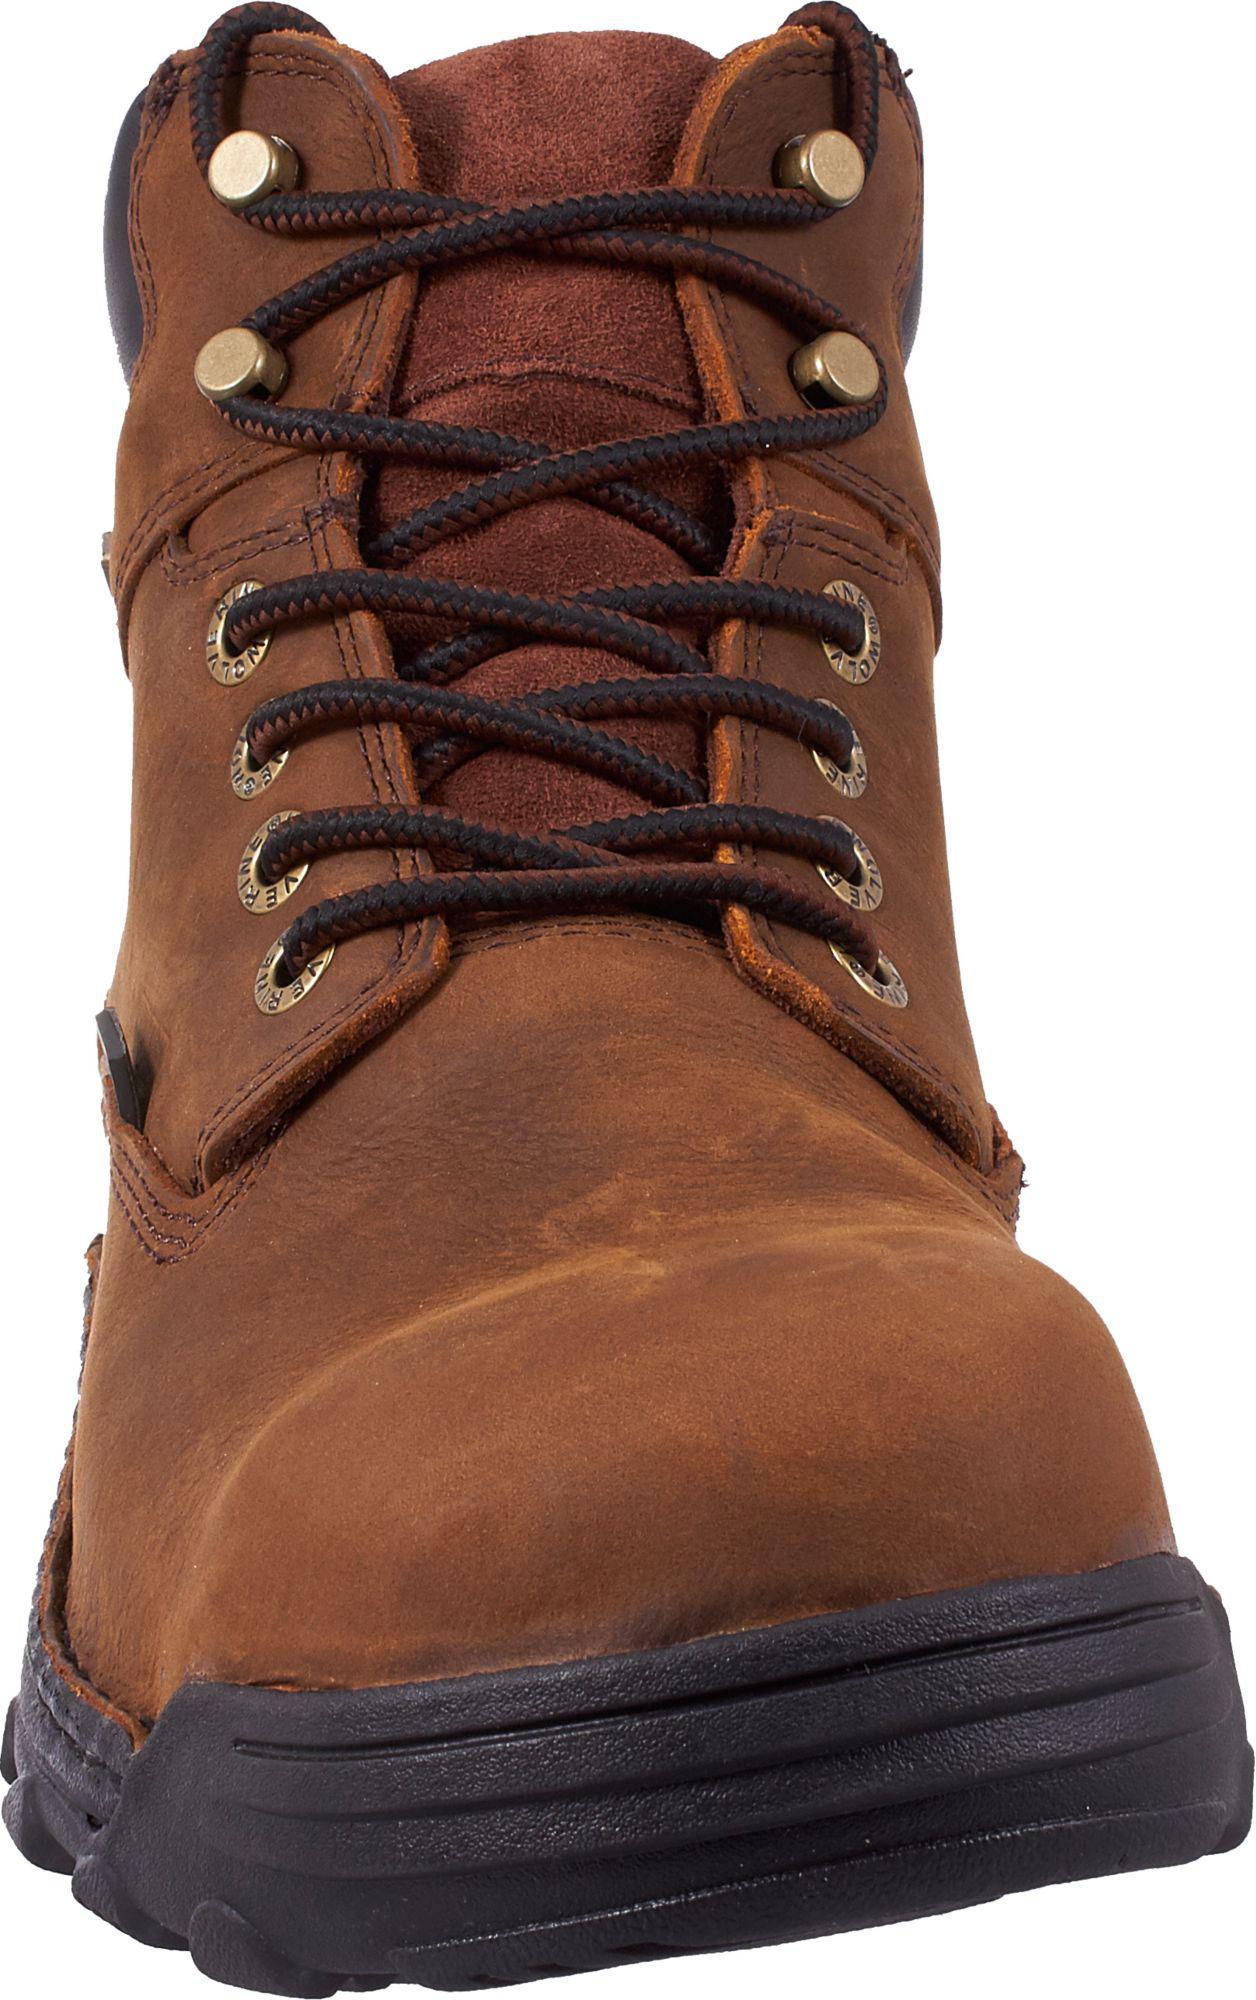 04f6dc0c05d Men's Brown Durbin 6'' Waterproof Steel Toe Work Boots